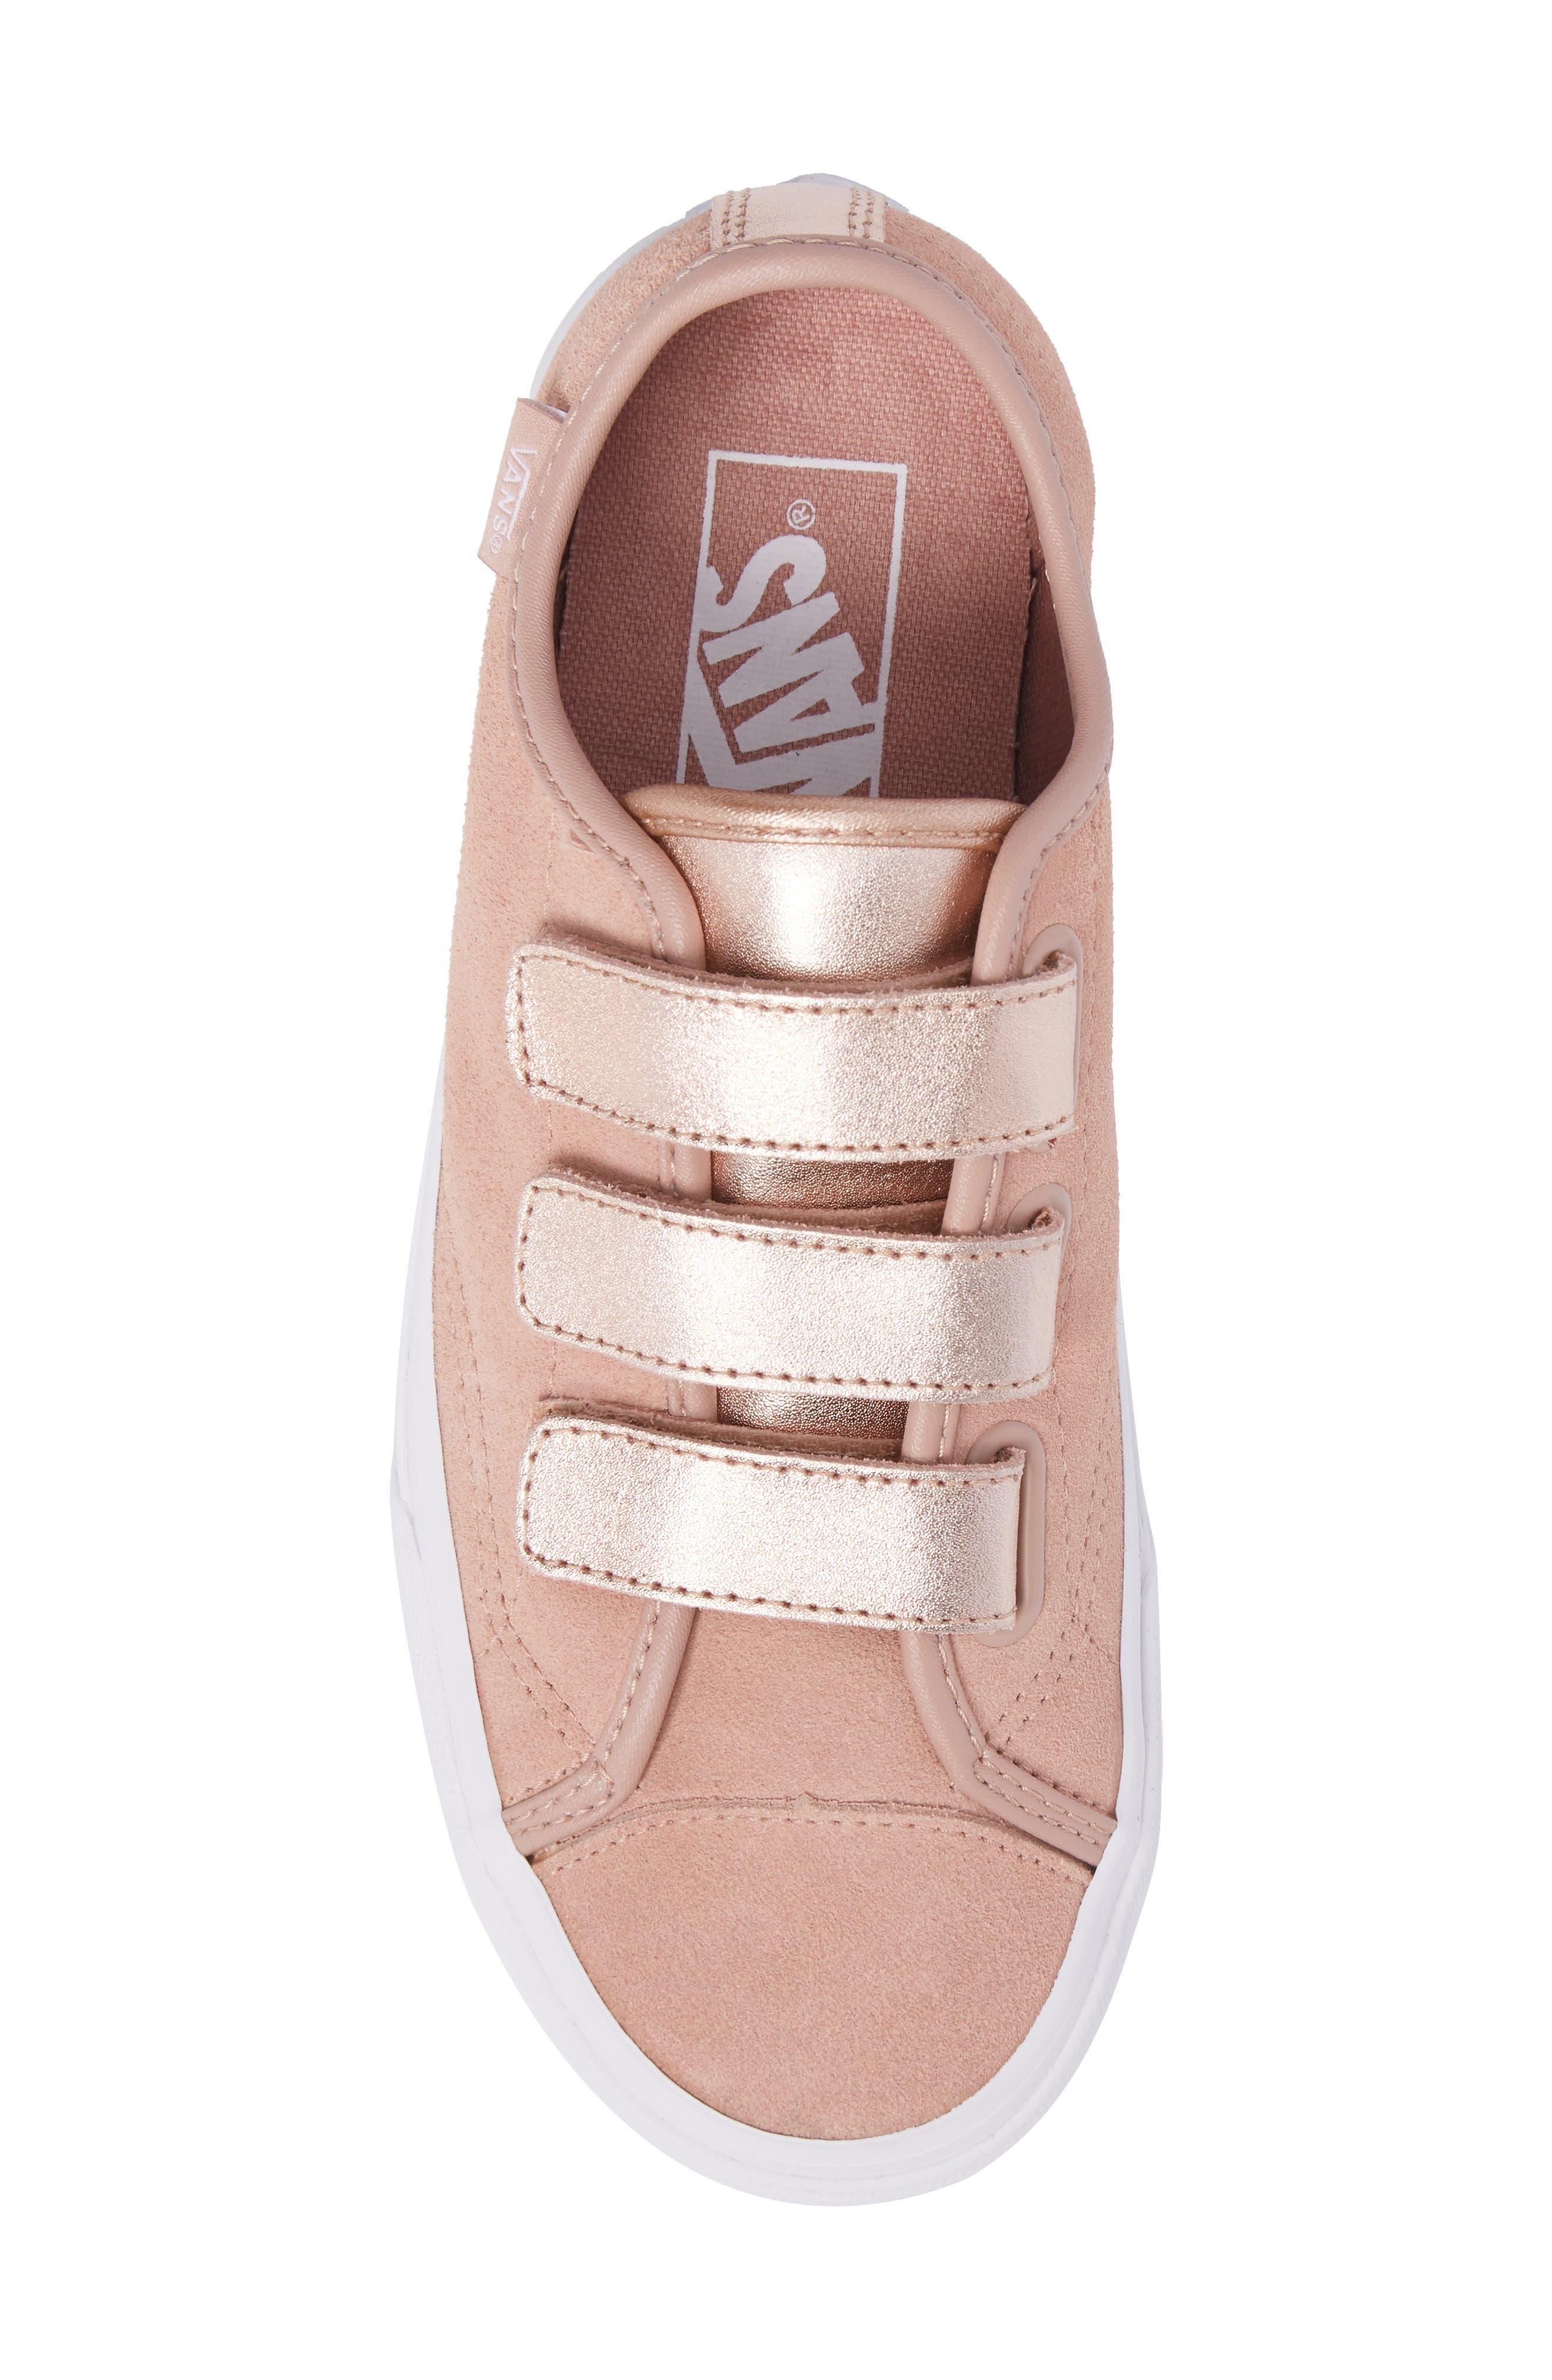 Style 23 V Sneaker,                             Alternate thumbnail 6, color,                             Mahogany Rose/ True White